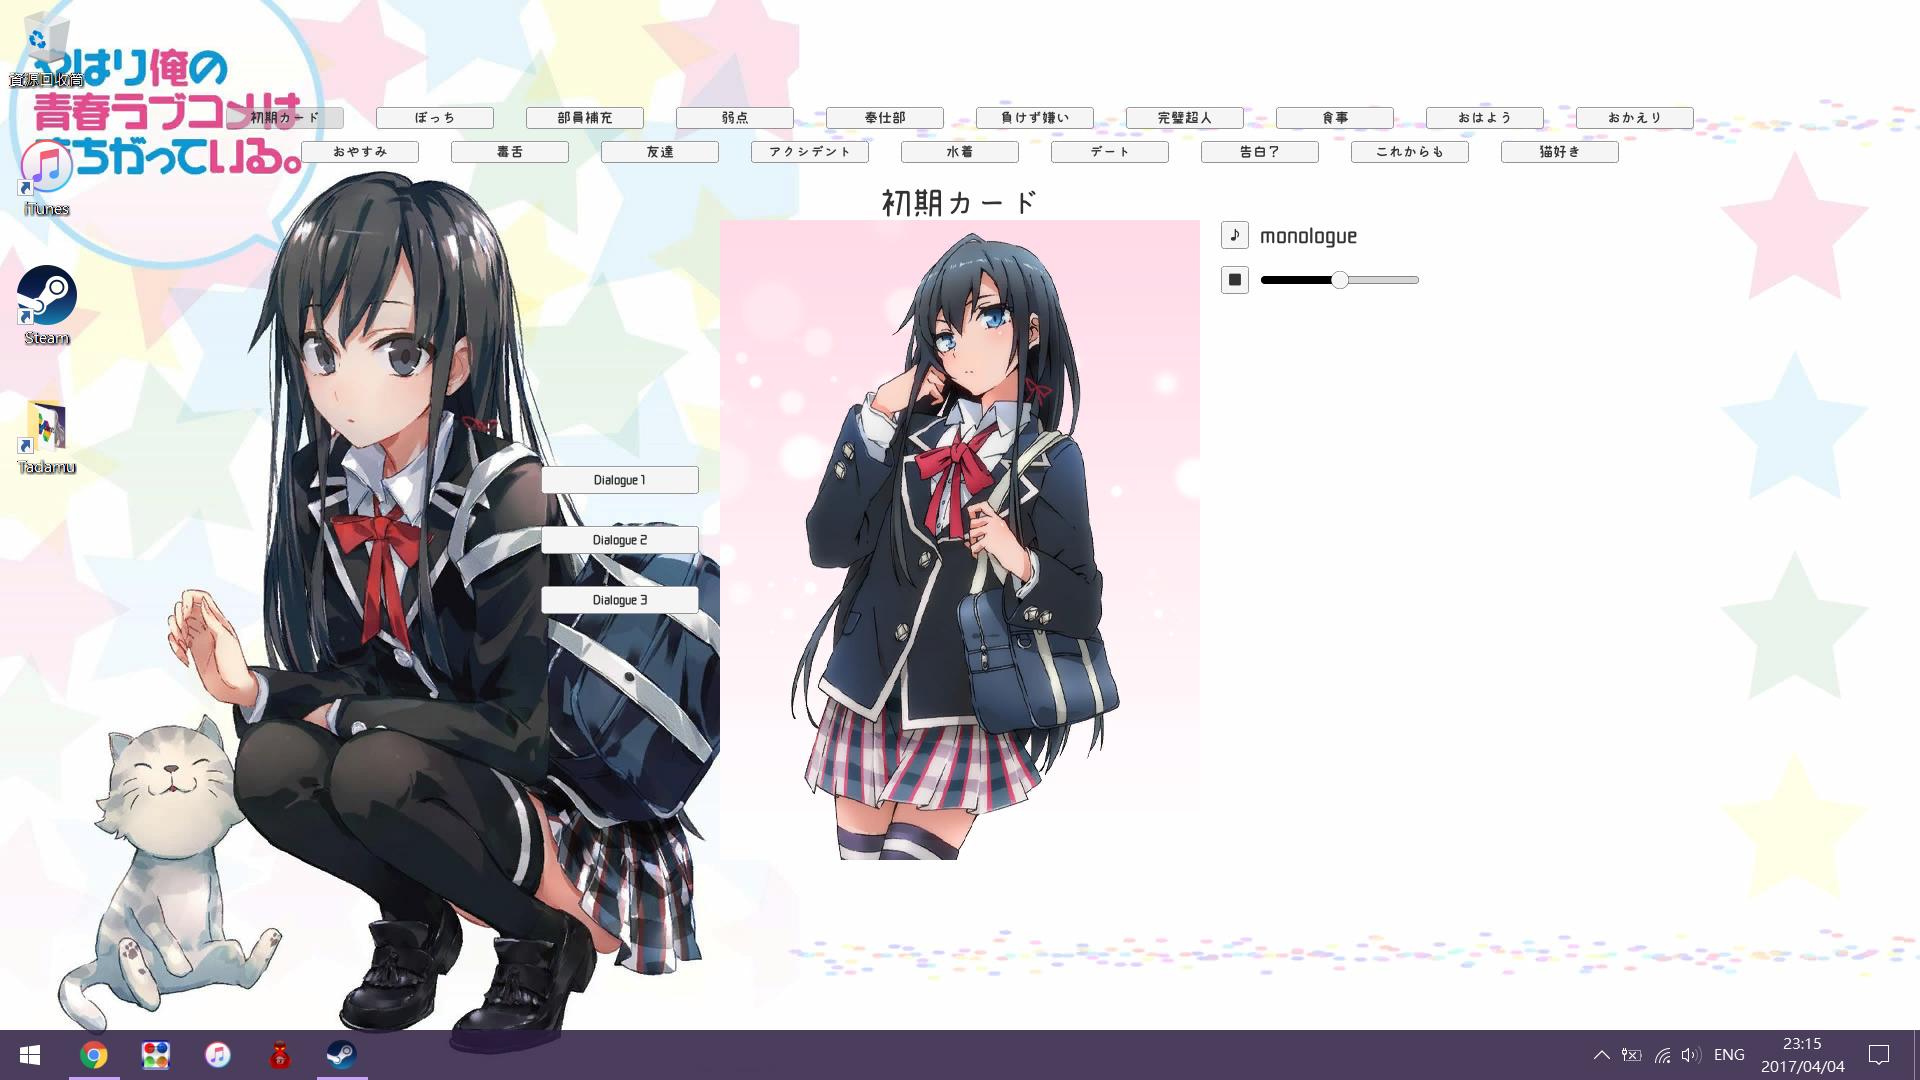 Wallpaper Engine - OreGairu - Yukino interactive wallpaper